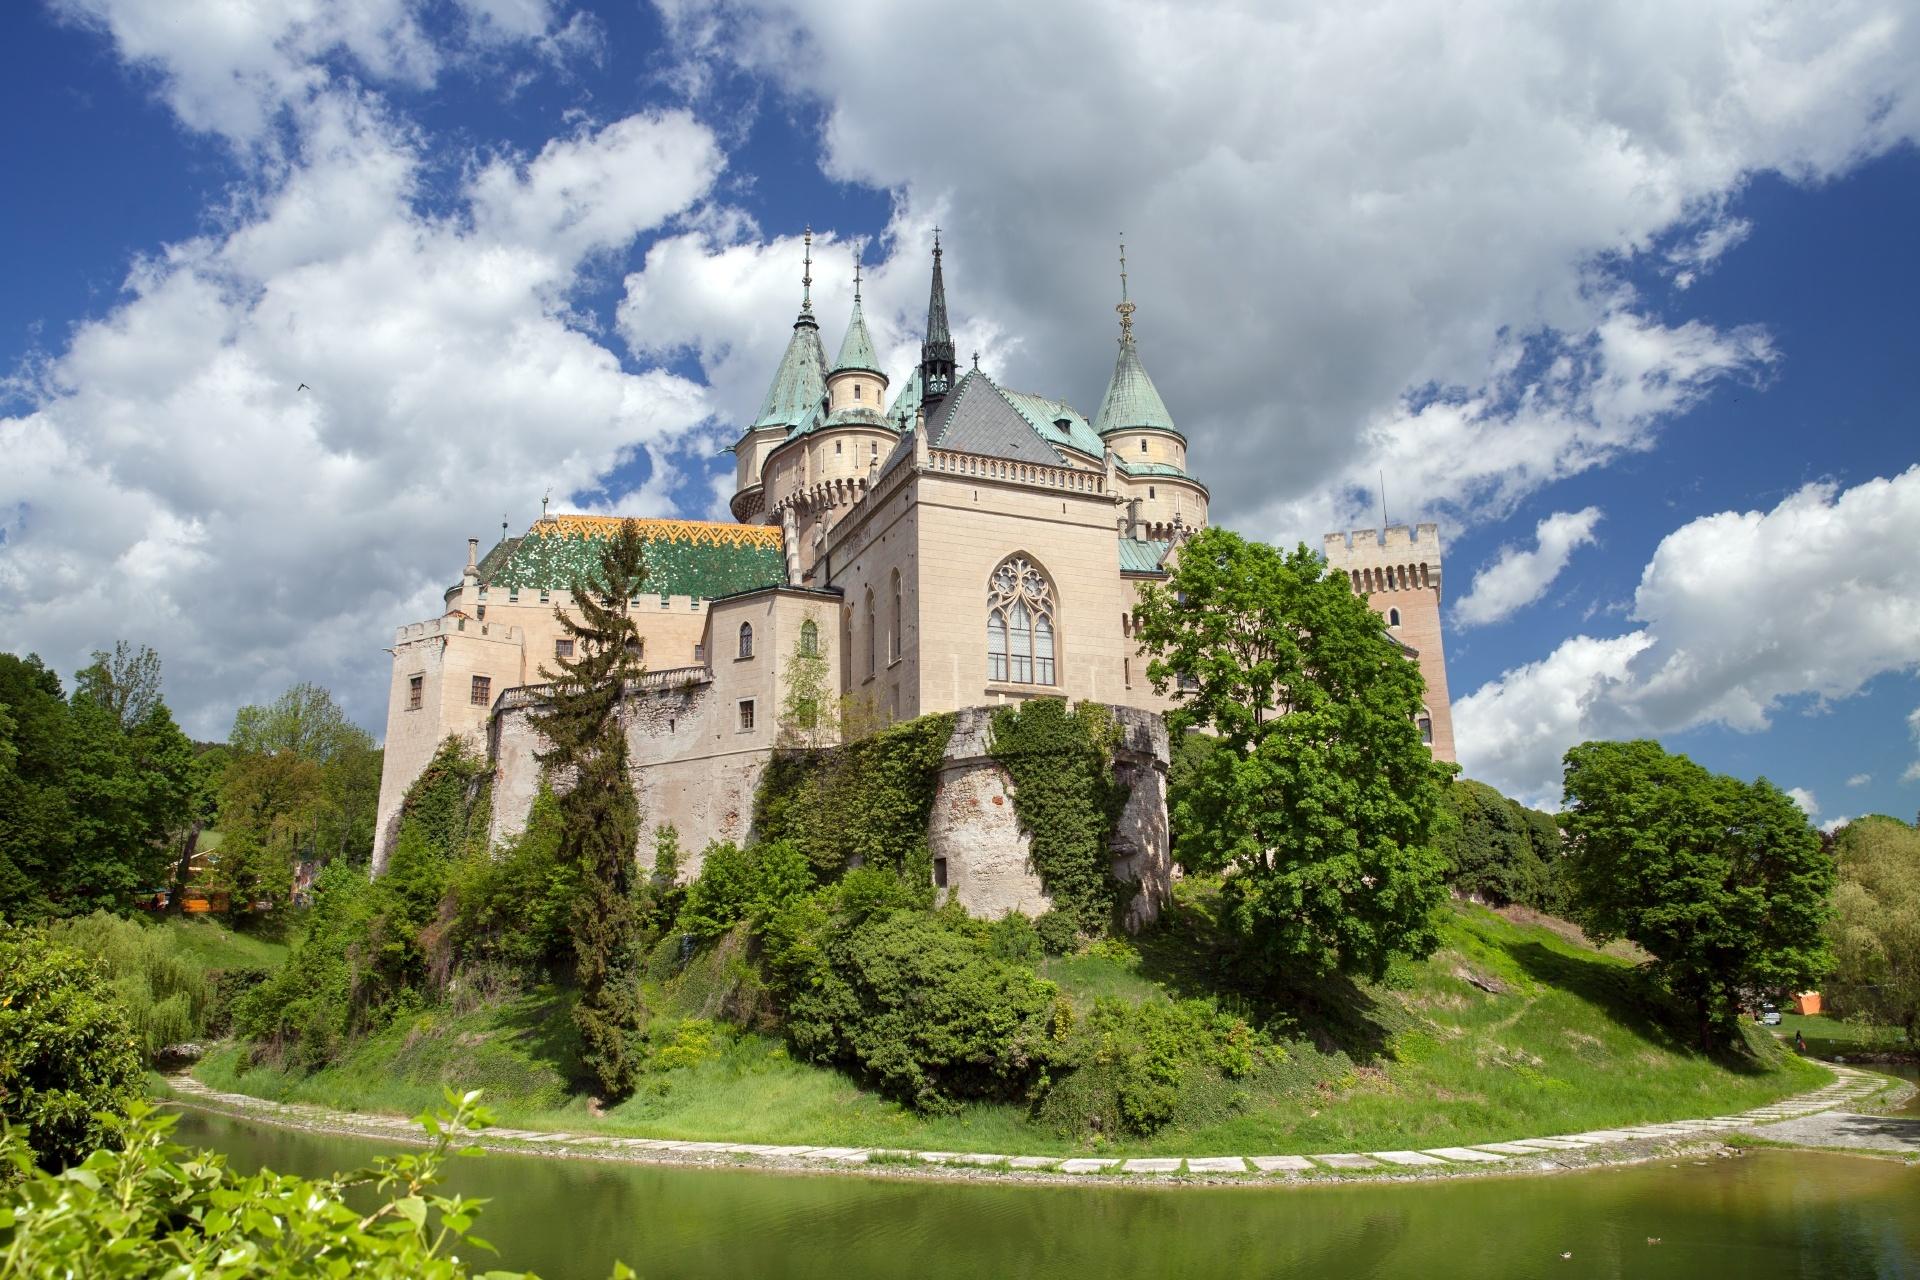 春の中世の城 ボイニツェ城 スロバキアの風景